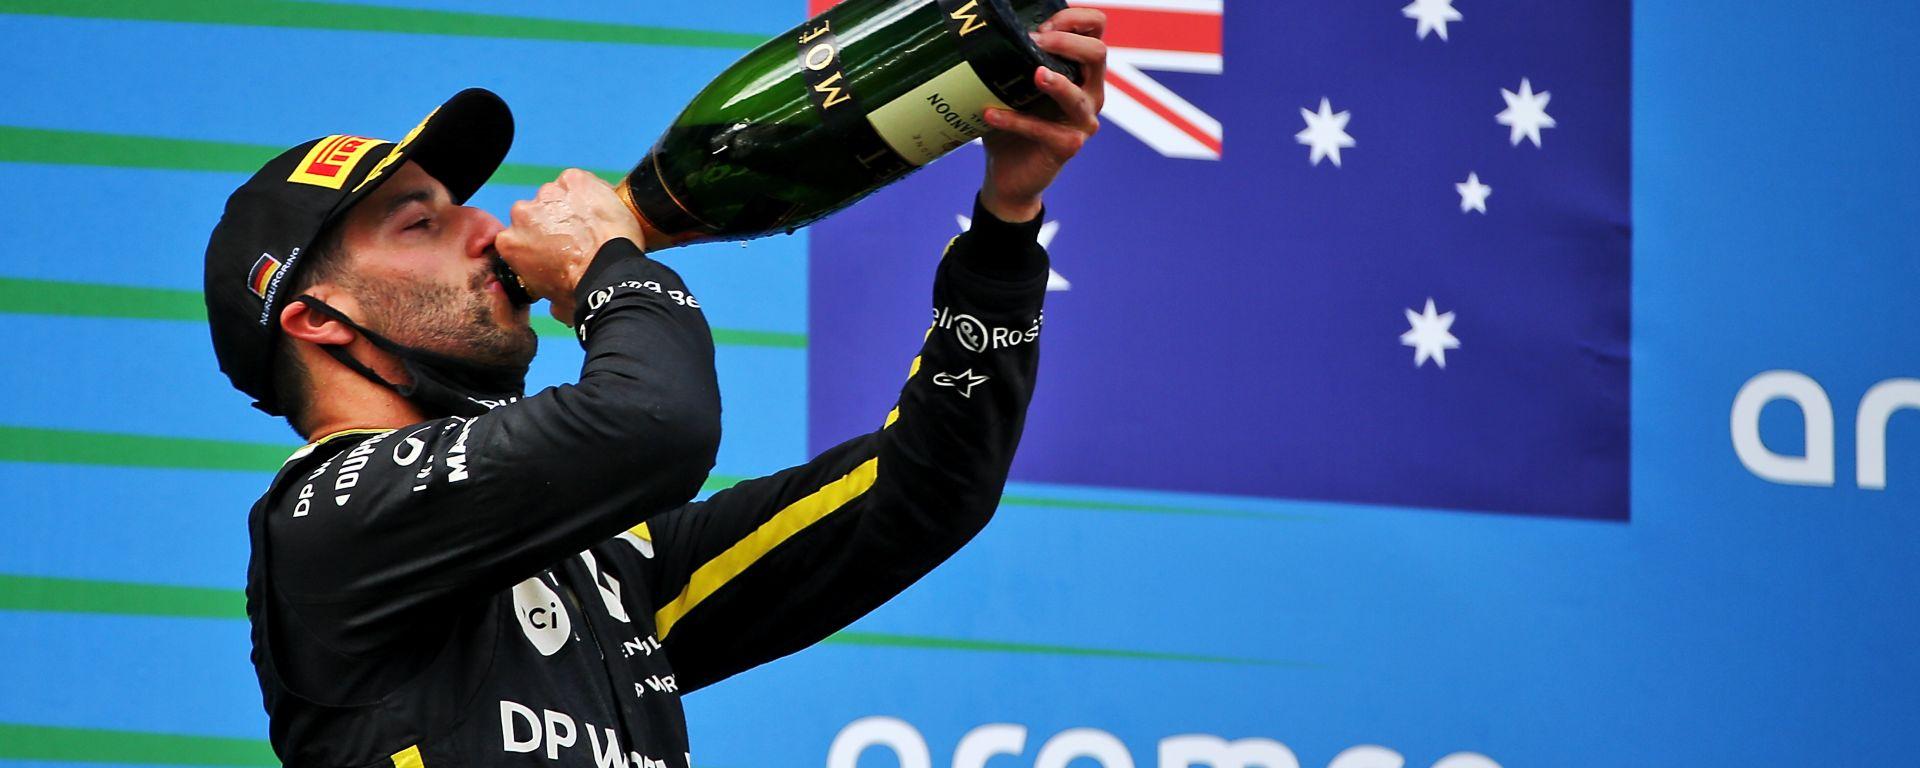 Ricciardo torna finalmente sul podio e... si dimentica dello shoey!